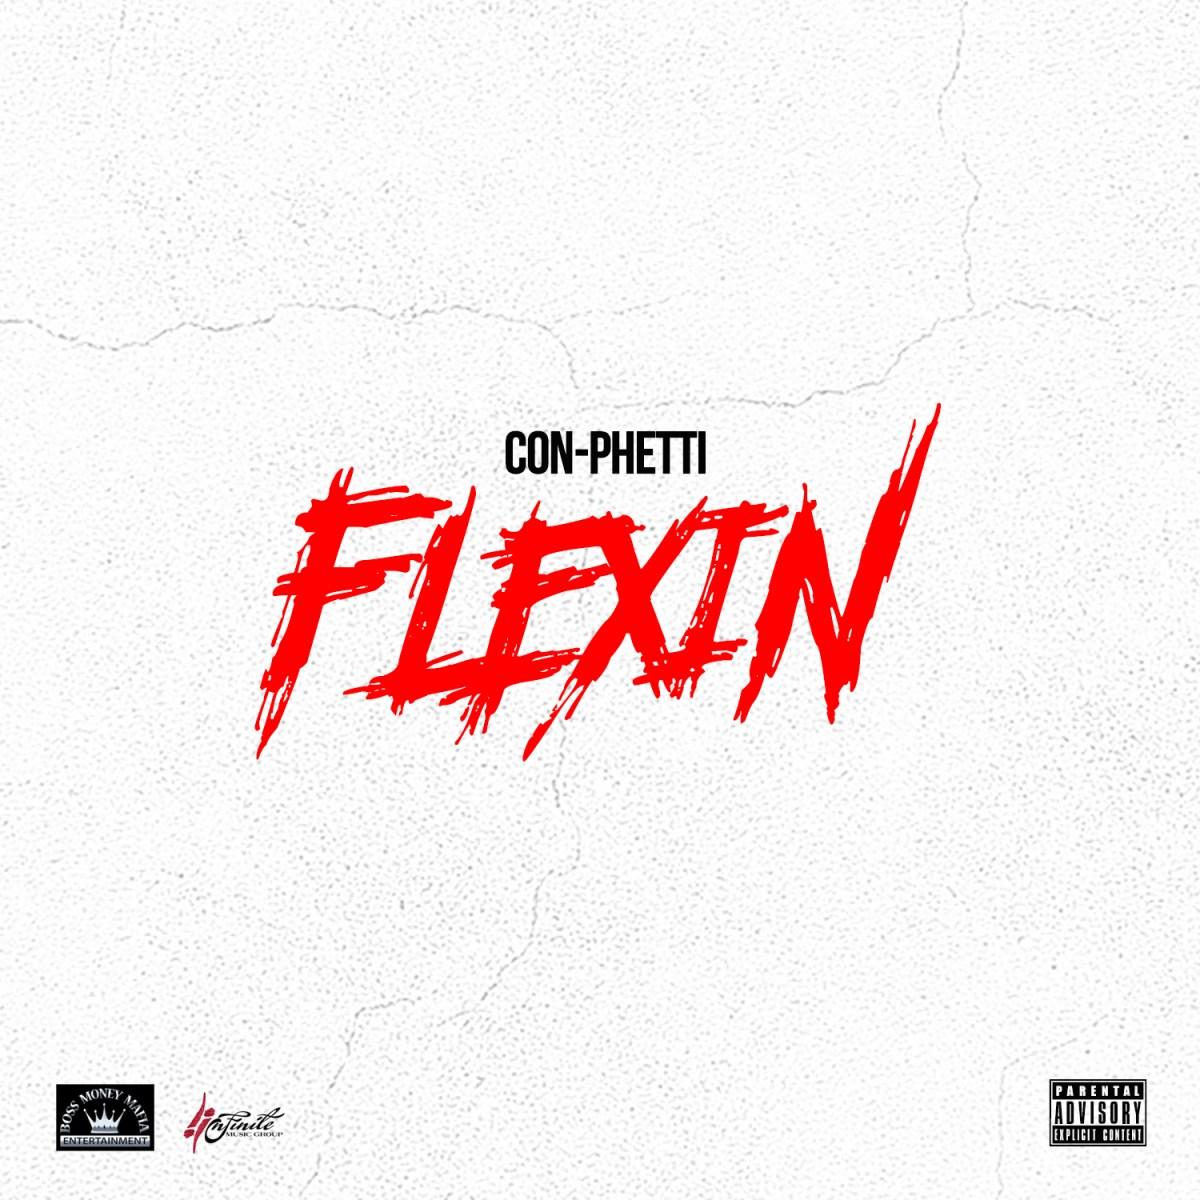 Con-Phetti - Flexin